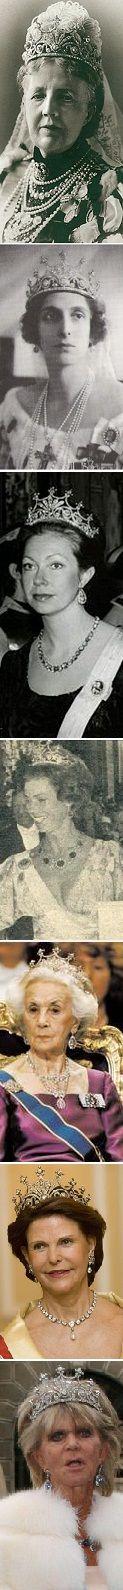 Queen Sofias diamond tiara Queen Sofia Queen Louise Princess Christina Princess Margaretha Princess Lilian Queen Silvia Princess Birgitta